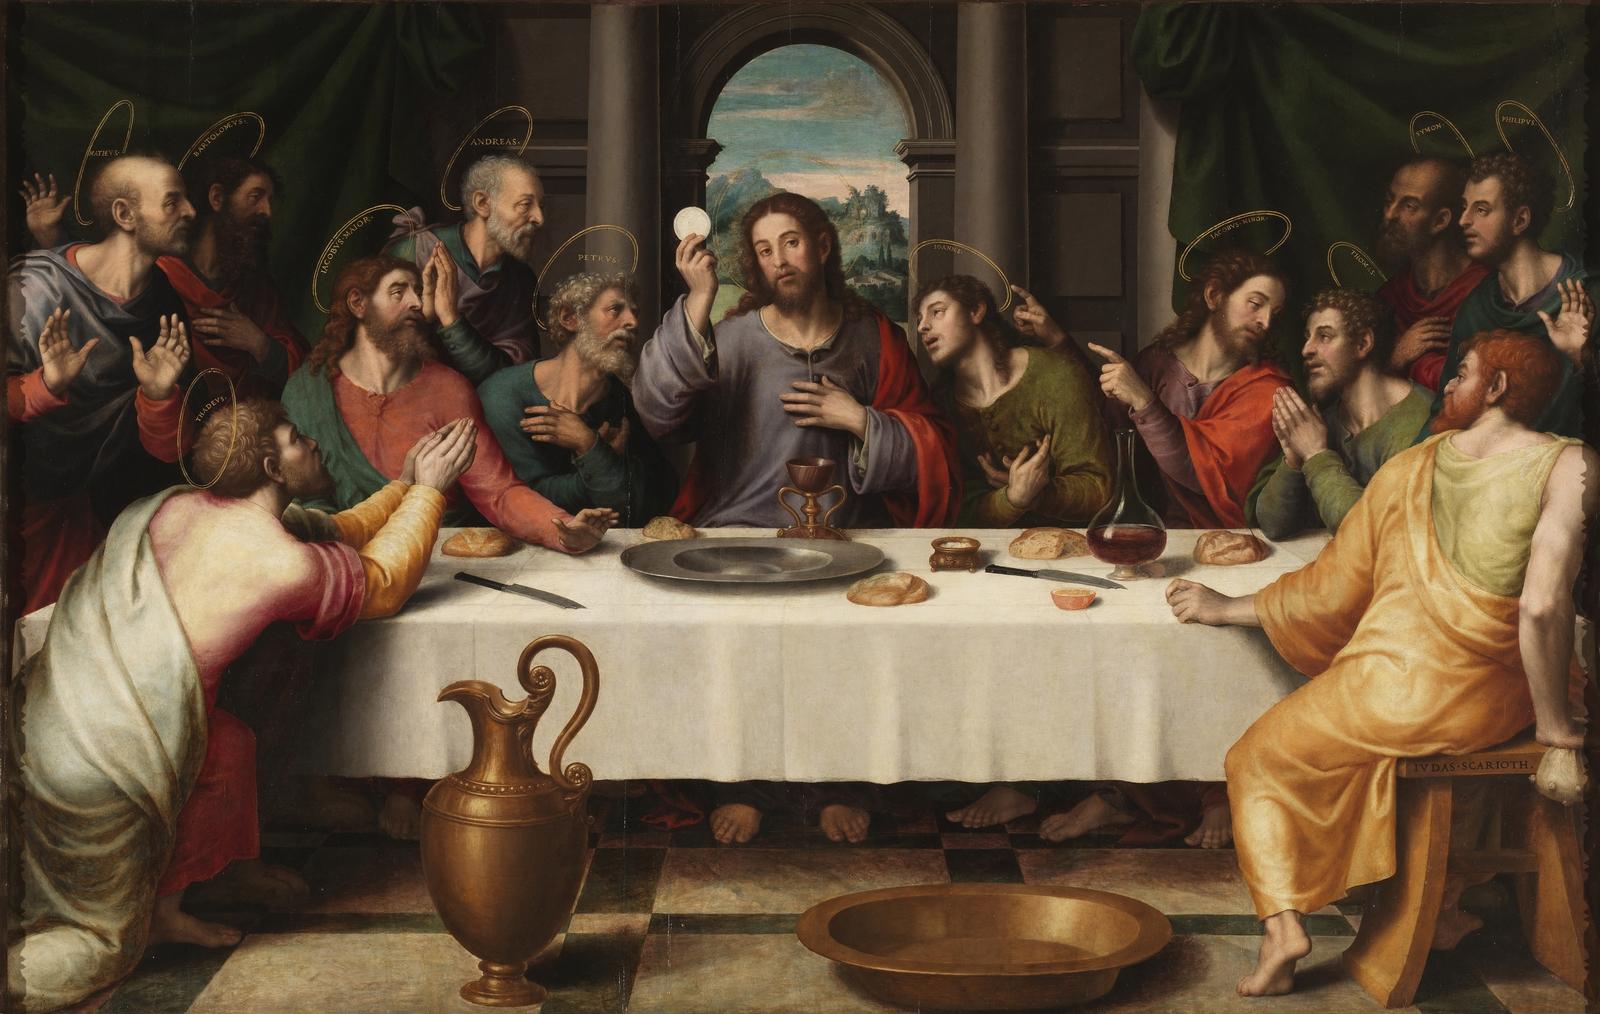 La Impresionante Historia del Cáliz de la Última Cena